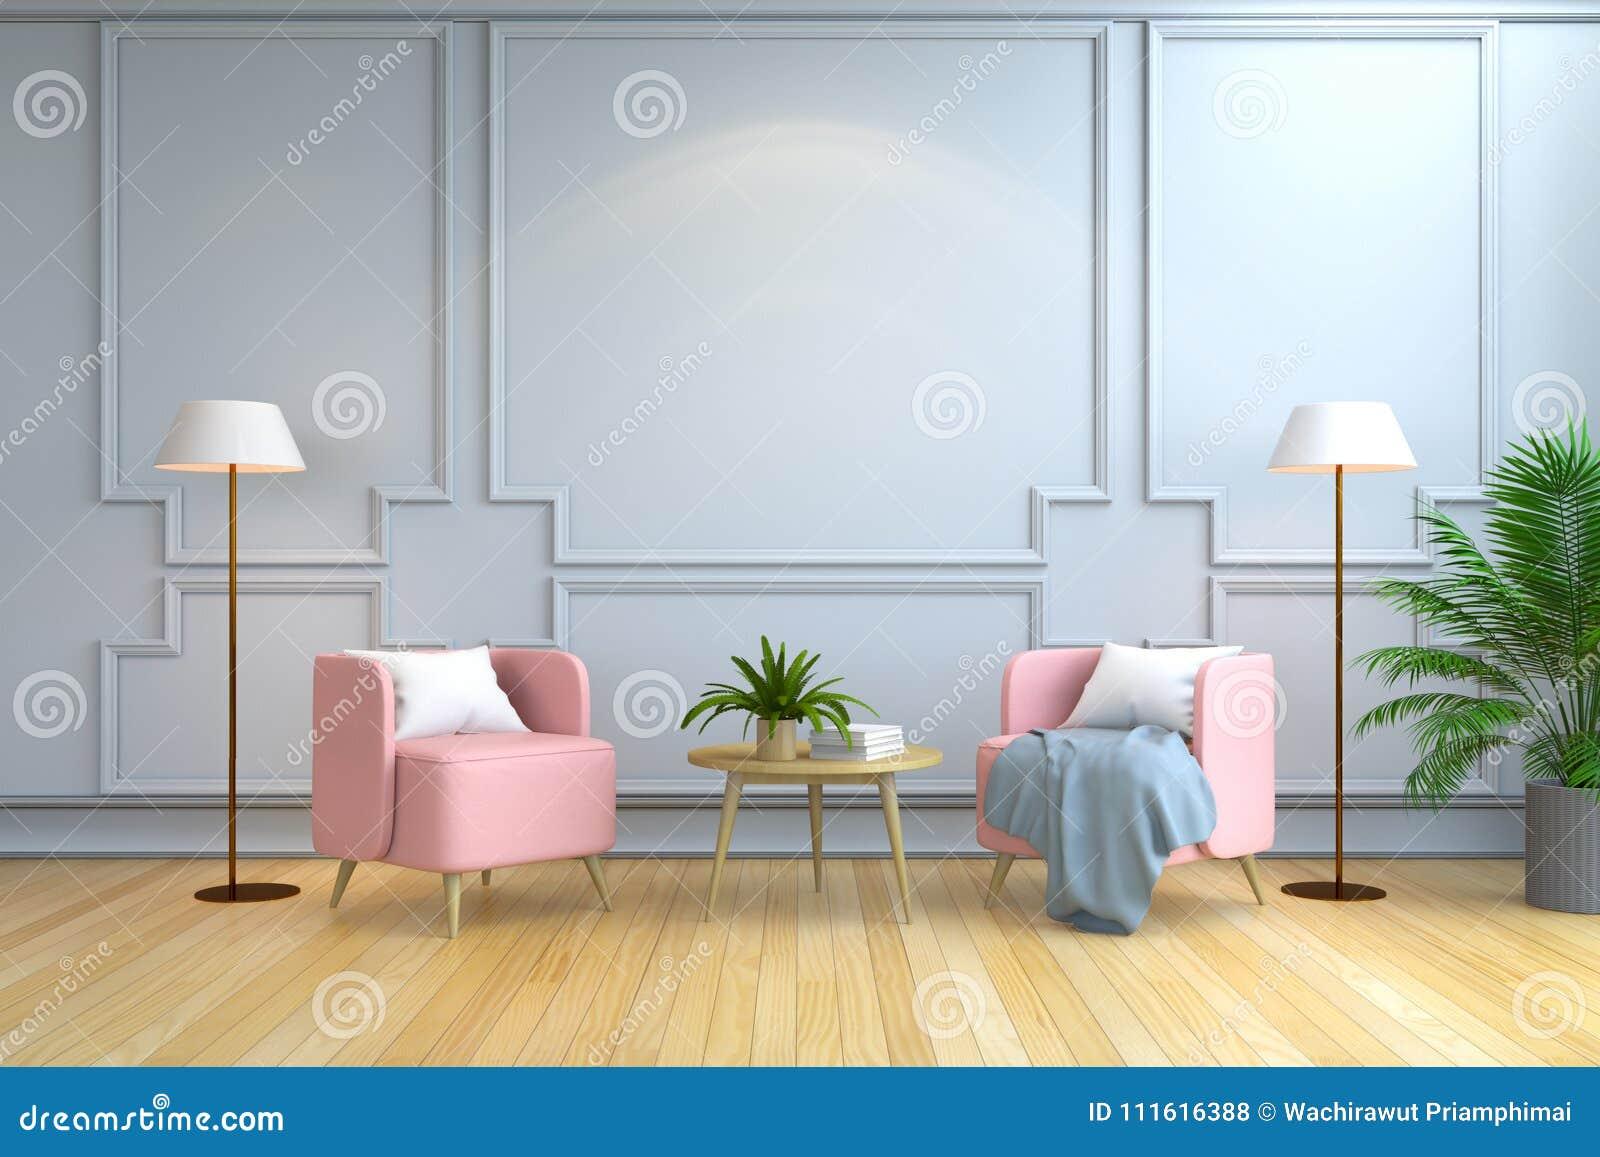 最低纲领派室室内设计、当代家具、桃红色扶手椅子和白色灯在木地板和白色墙壁/3d回报